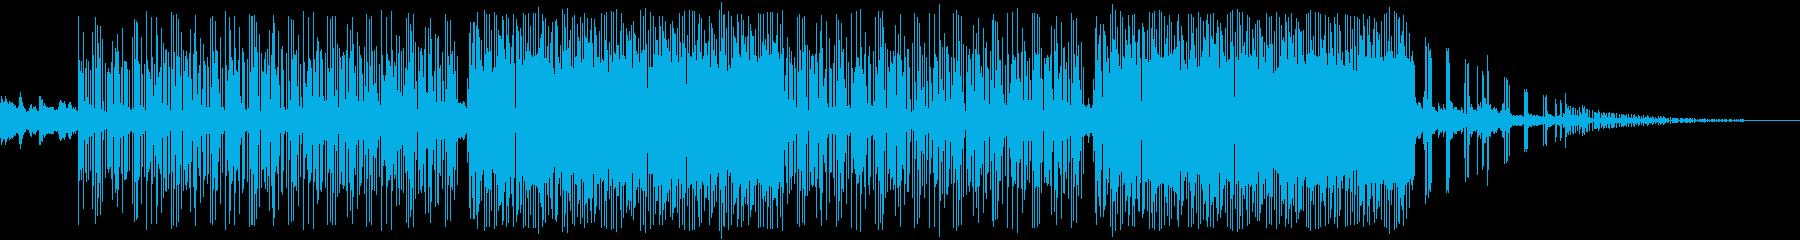 幻想的ギターlofiピアノトラップビートの再生済みの波形